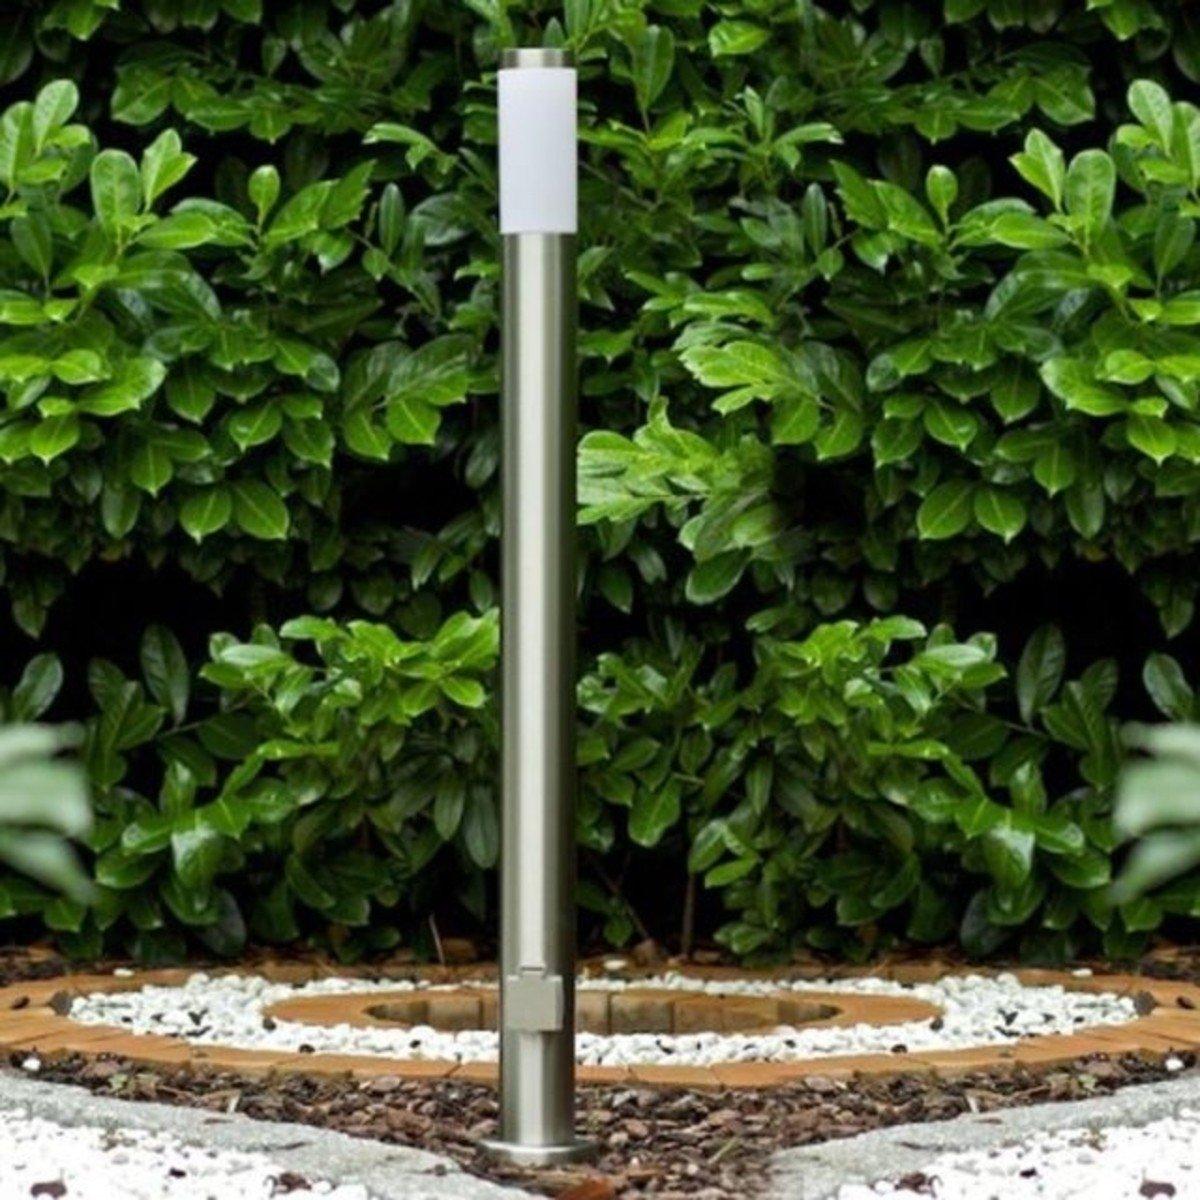 Lampa de gradina cilindrica, Nordlux, melat, crom mat